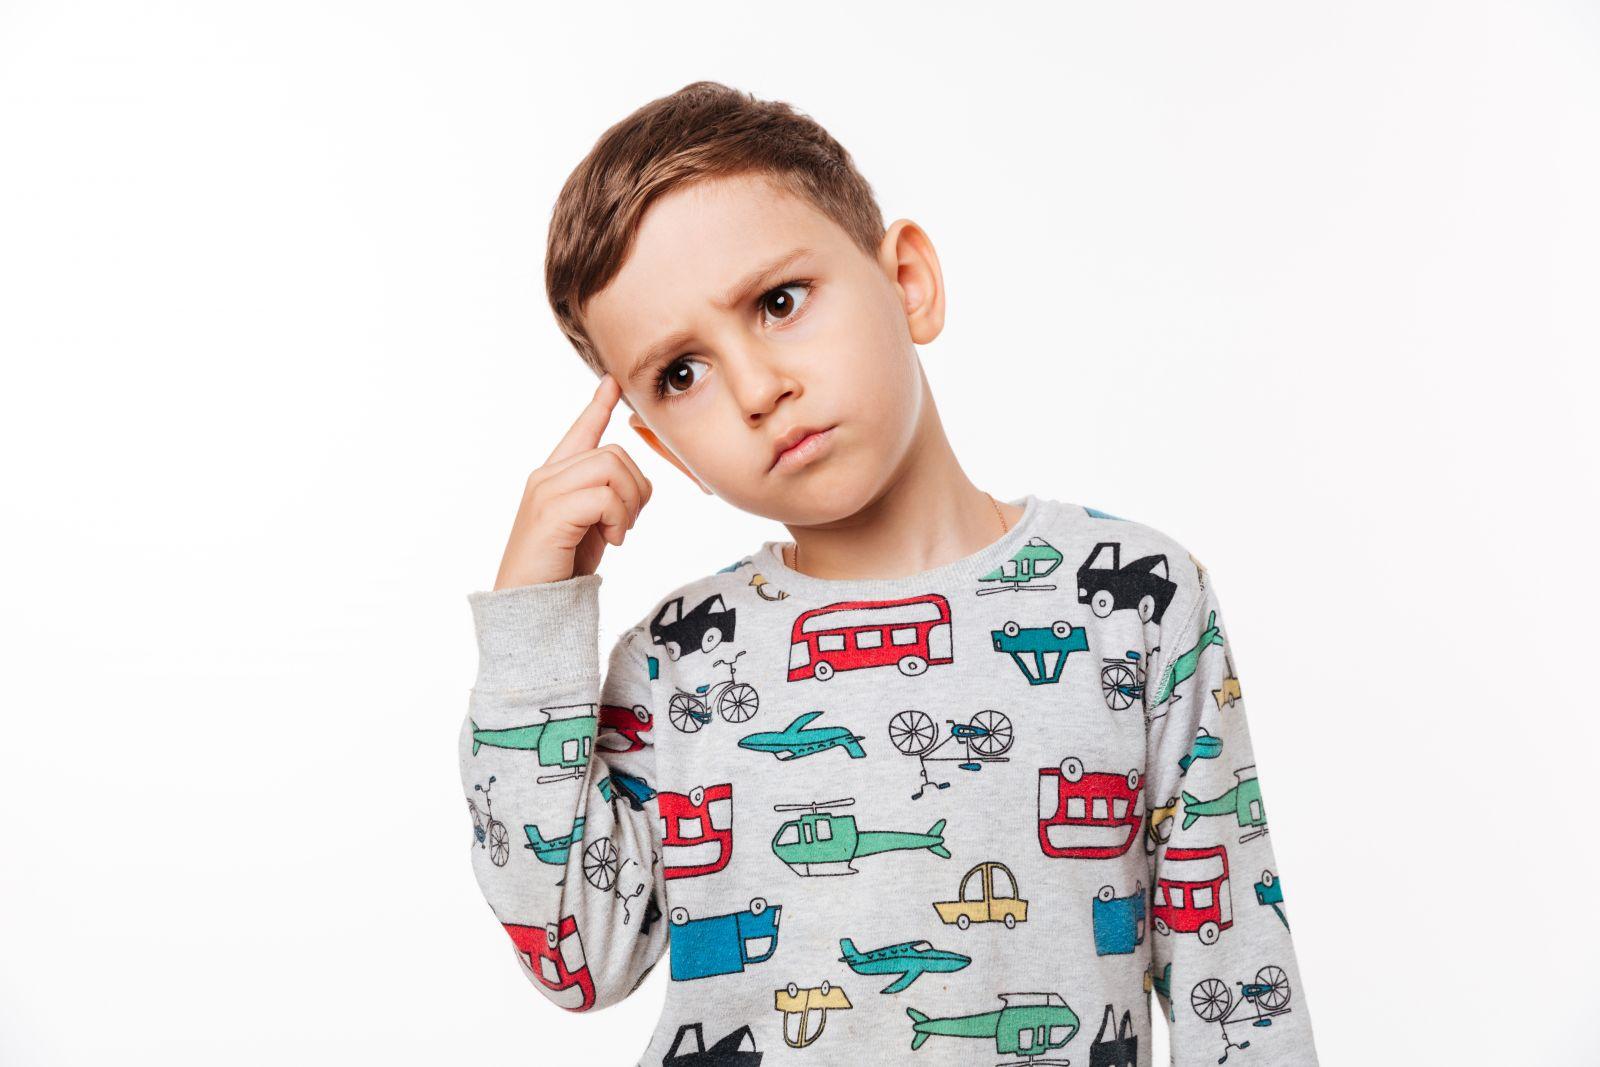 dečak koji razmišlja